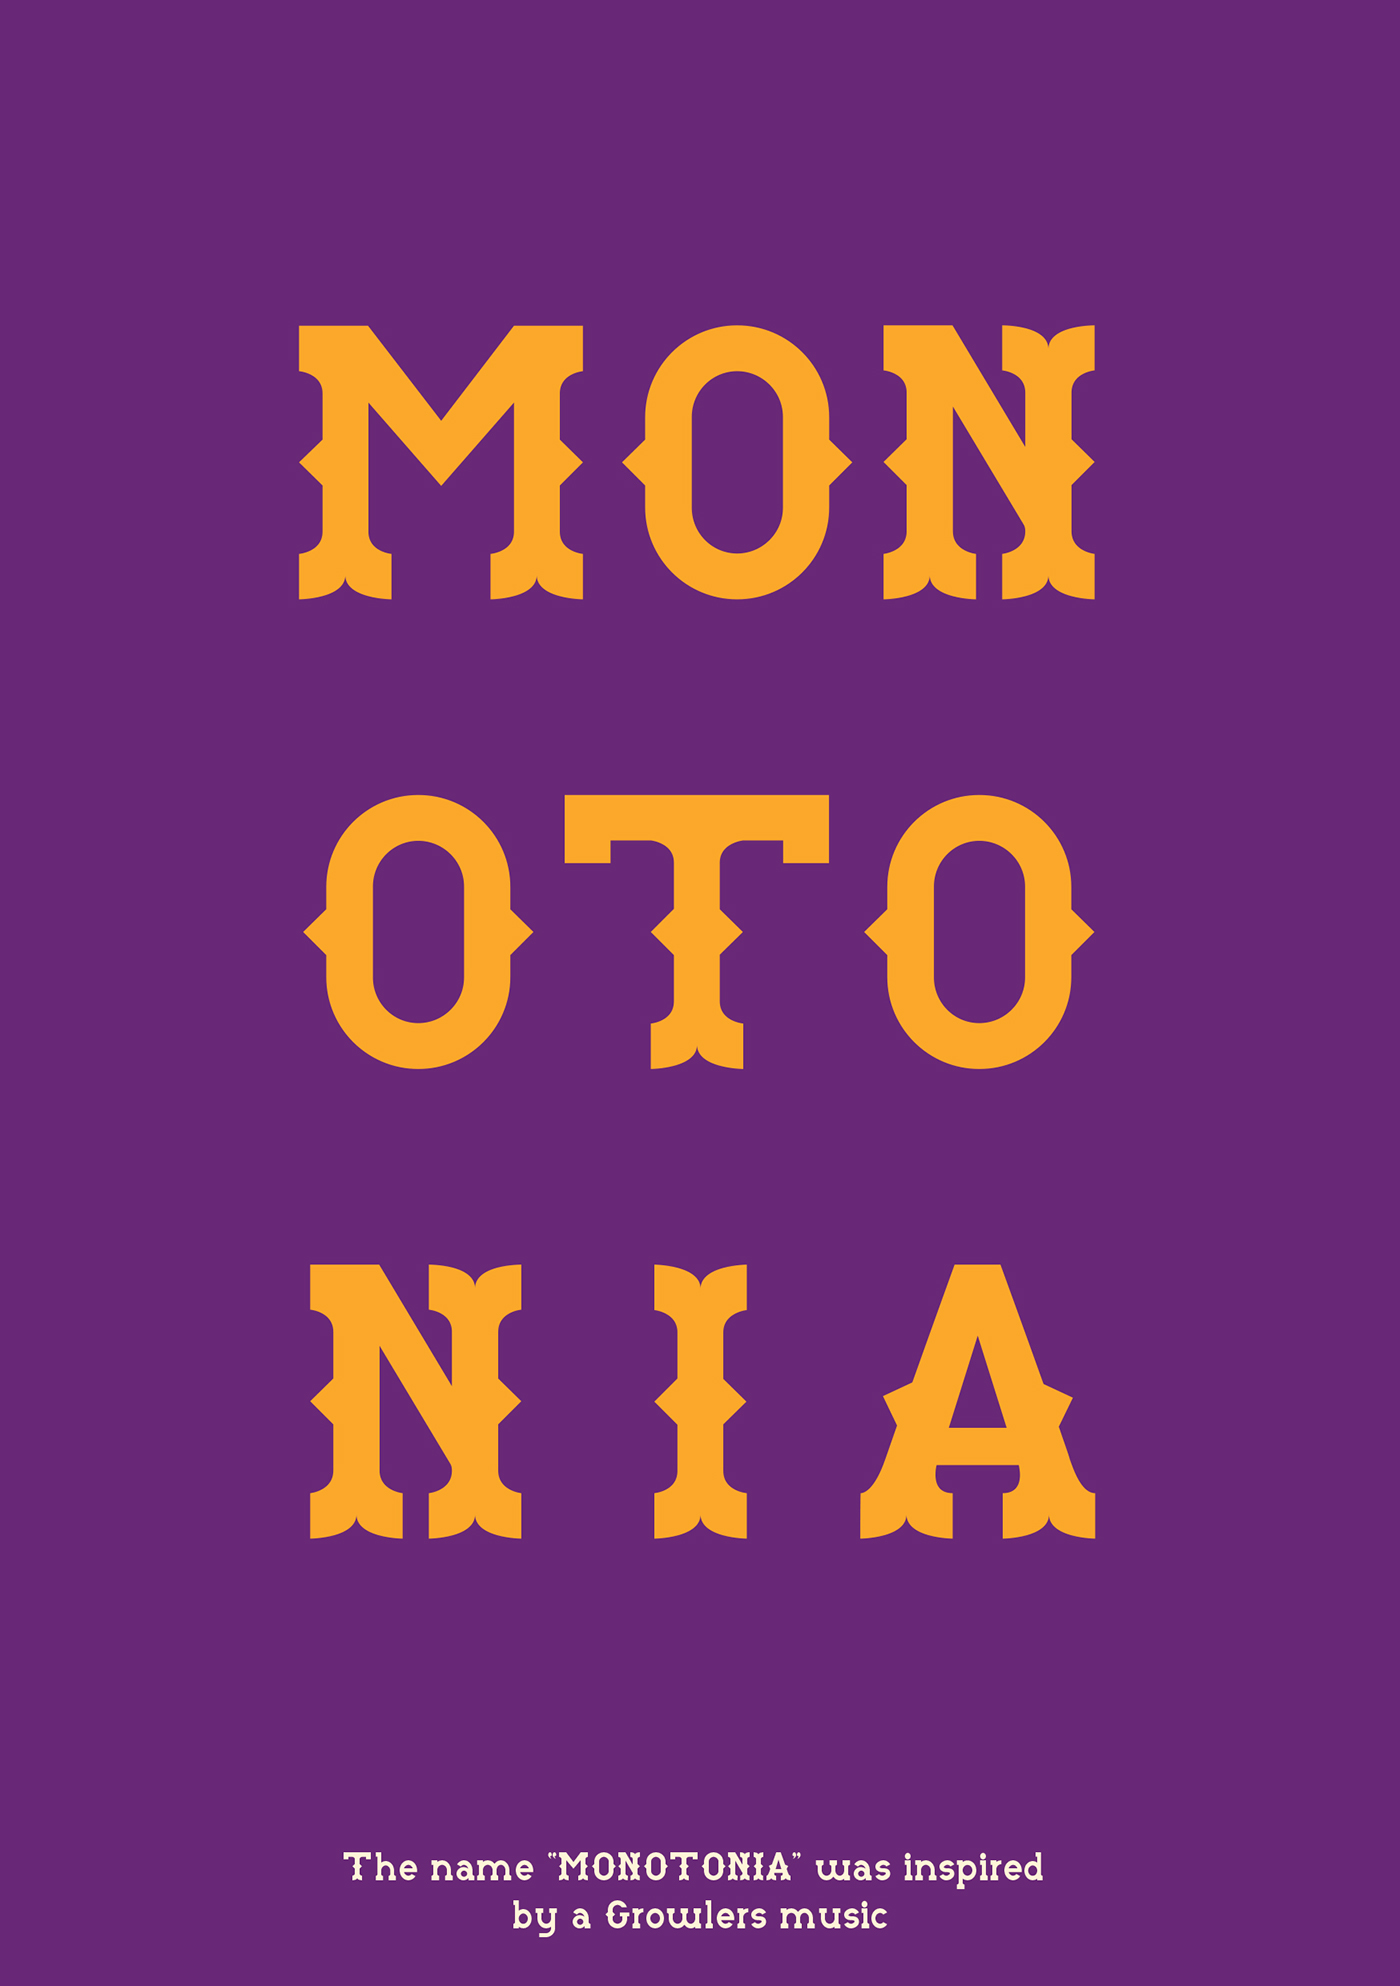 eduardo_monotoniaspecimen